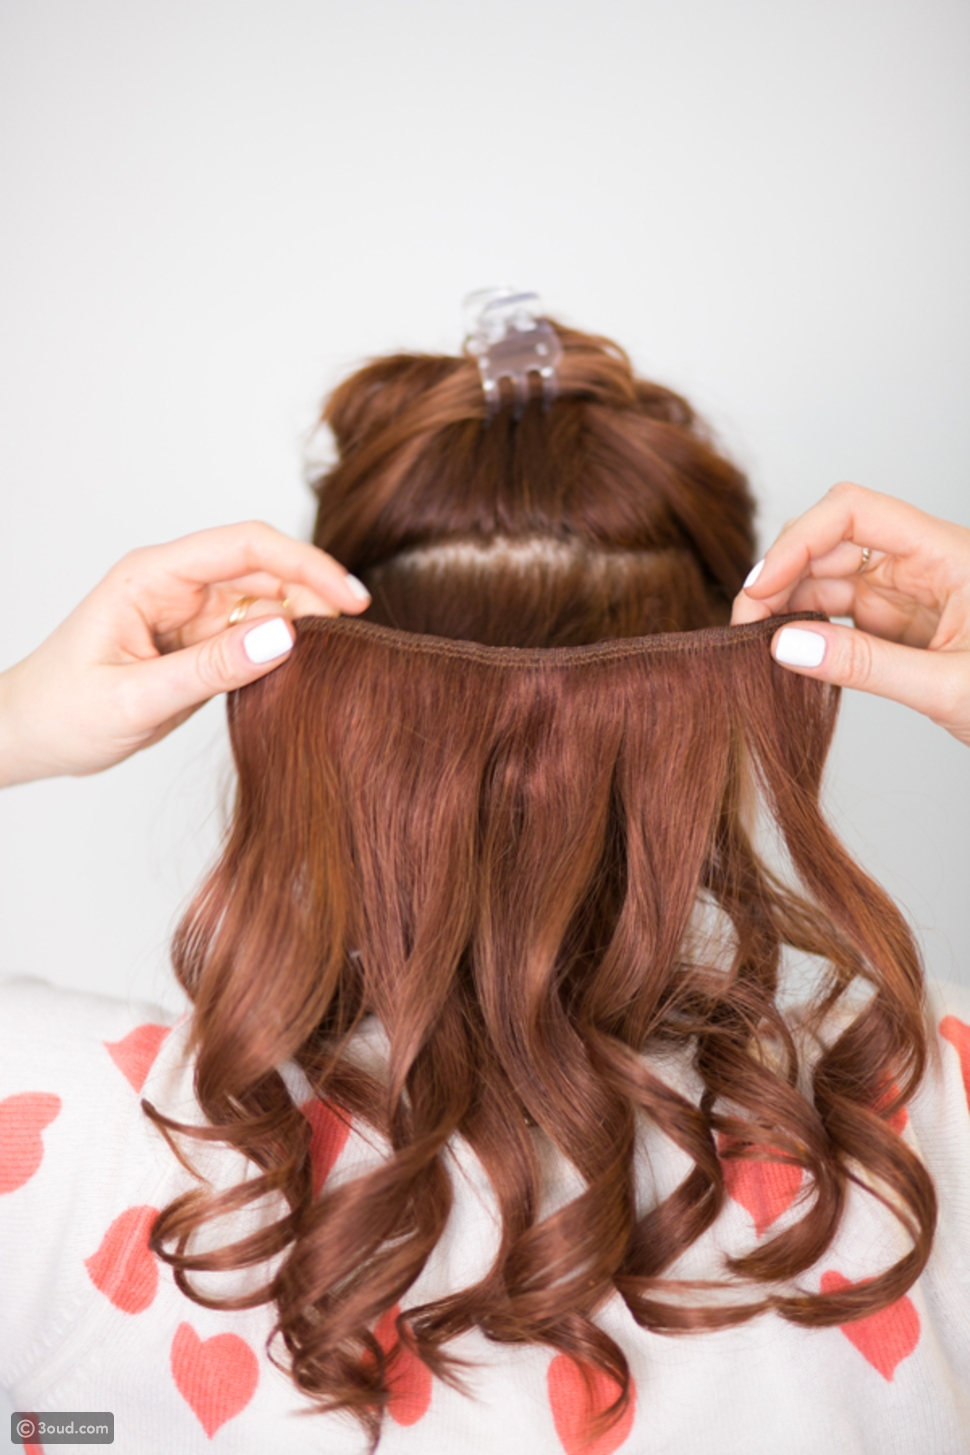 كيف تخفين عيوب شعرك أثناء نموه؟